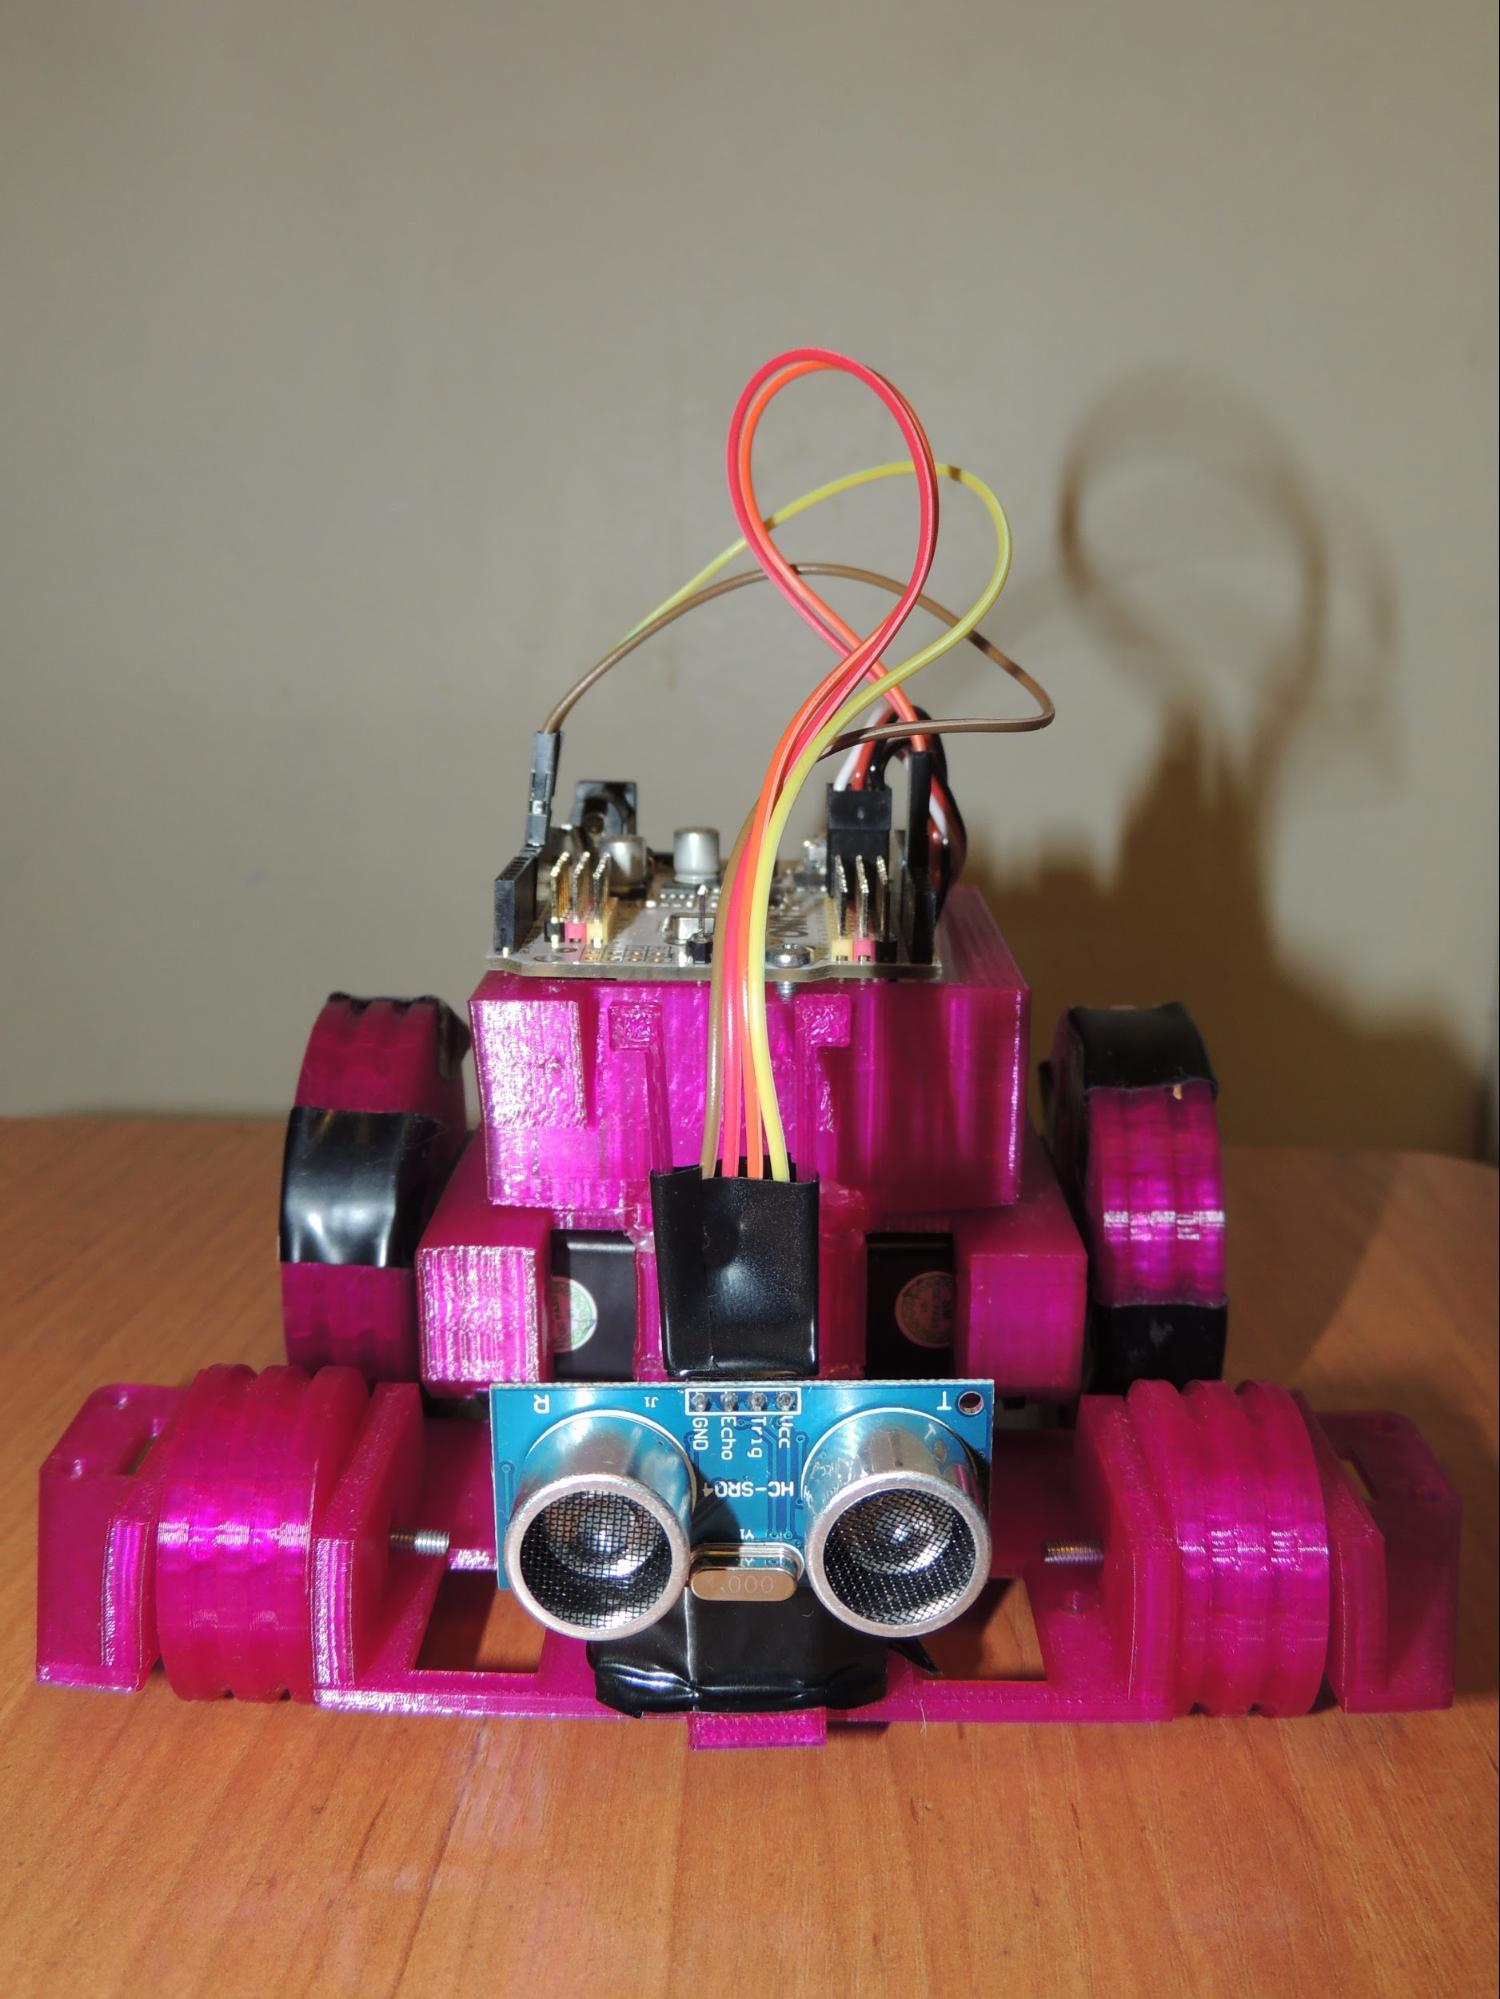 DIY Робот или эволюция в комплекте - 23